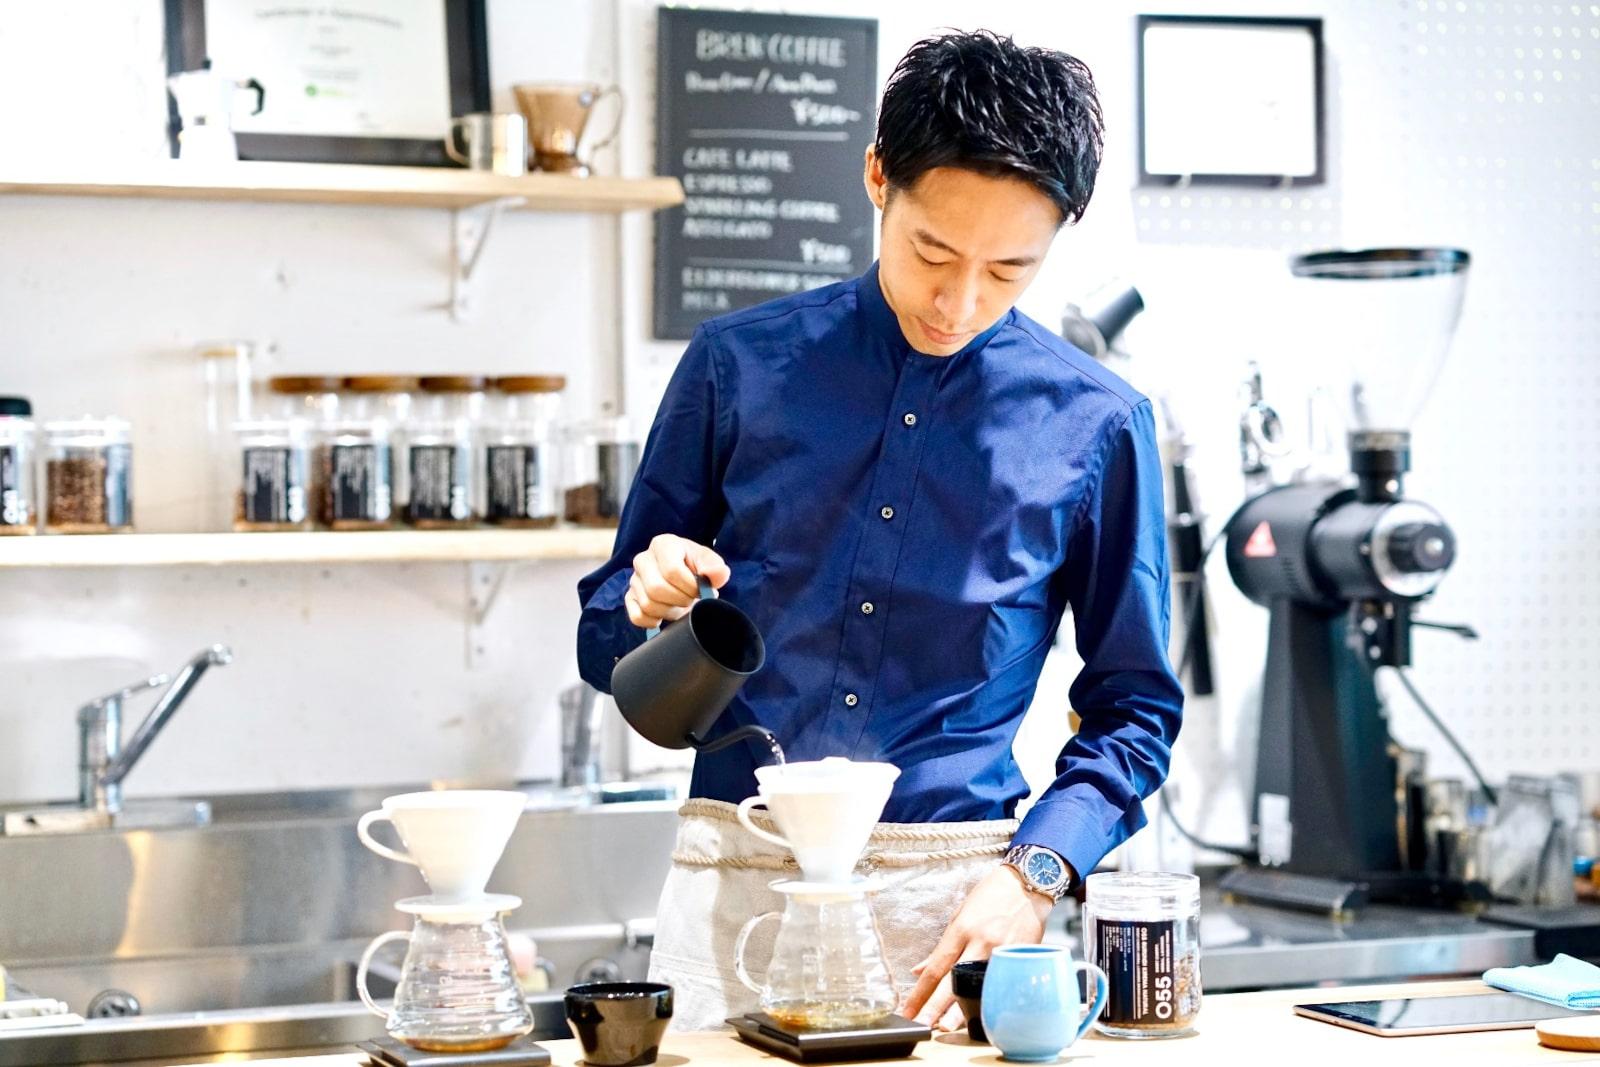 Заваривание кофе в воронке от Tetsu Kasuya